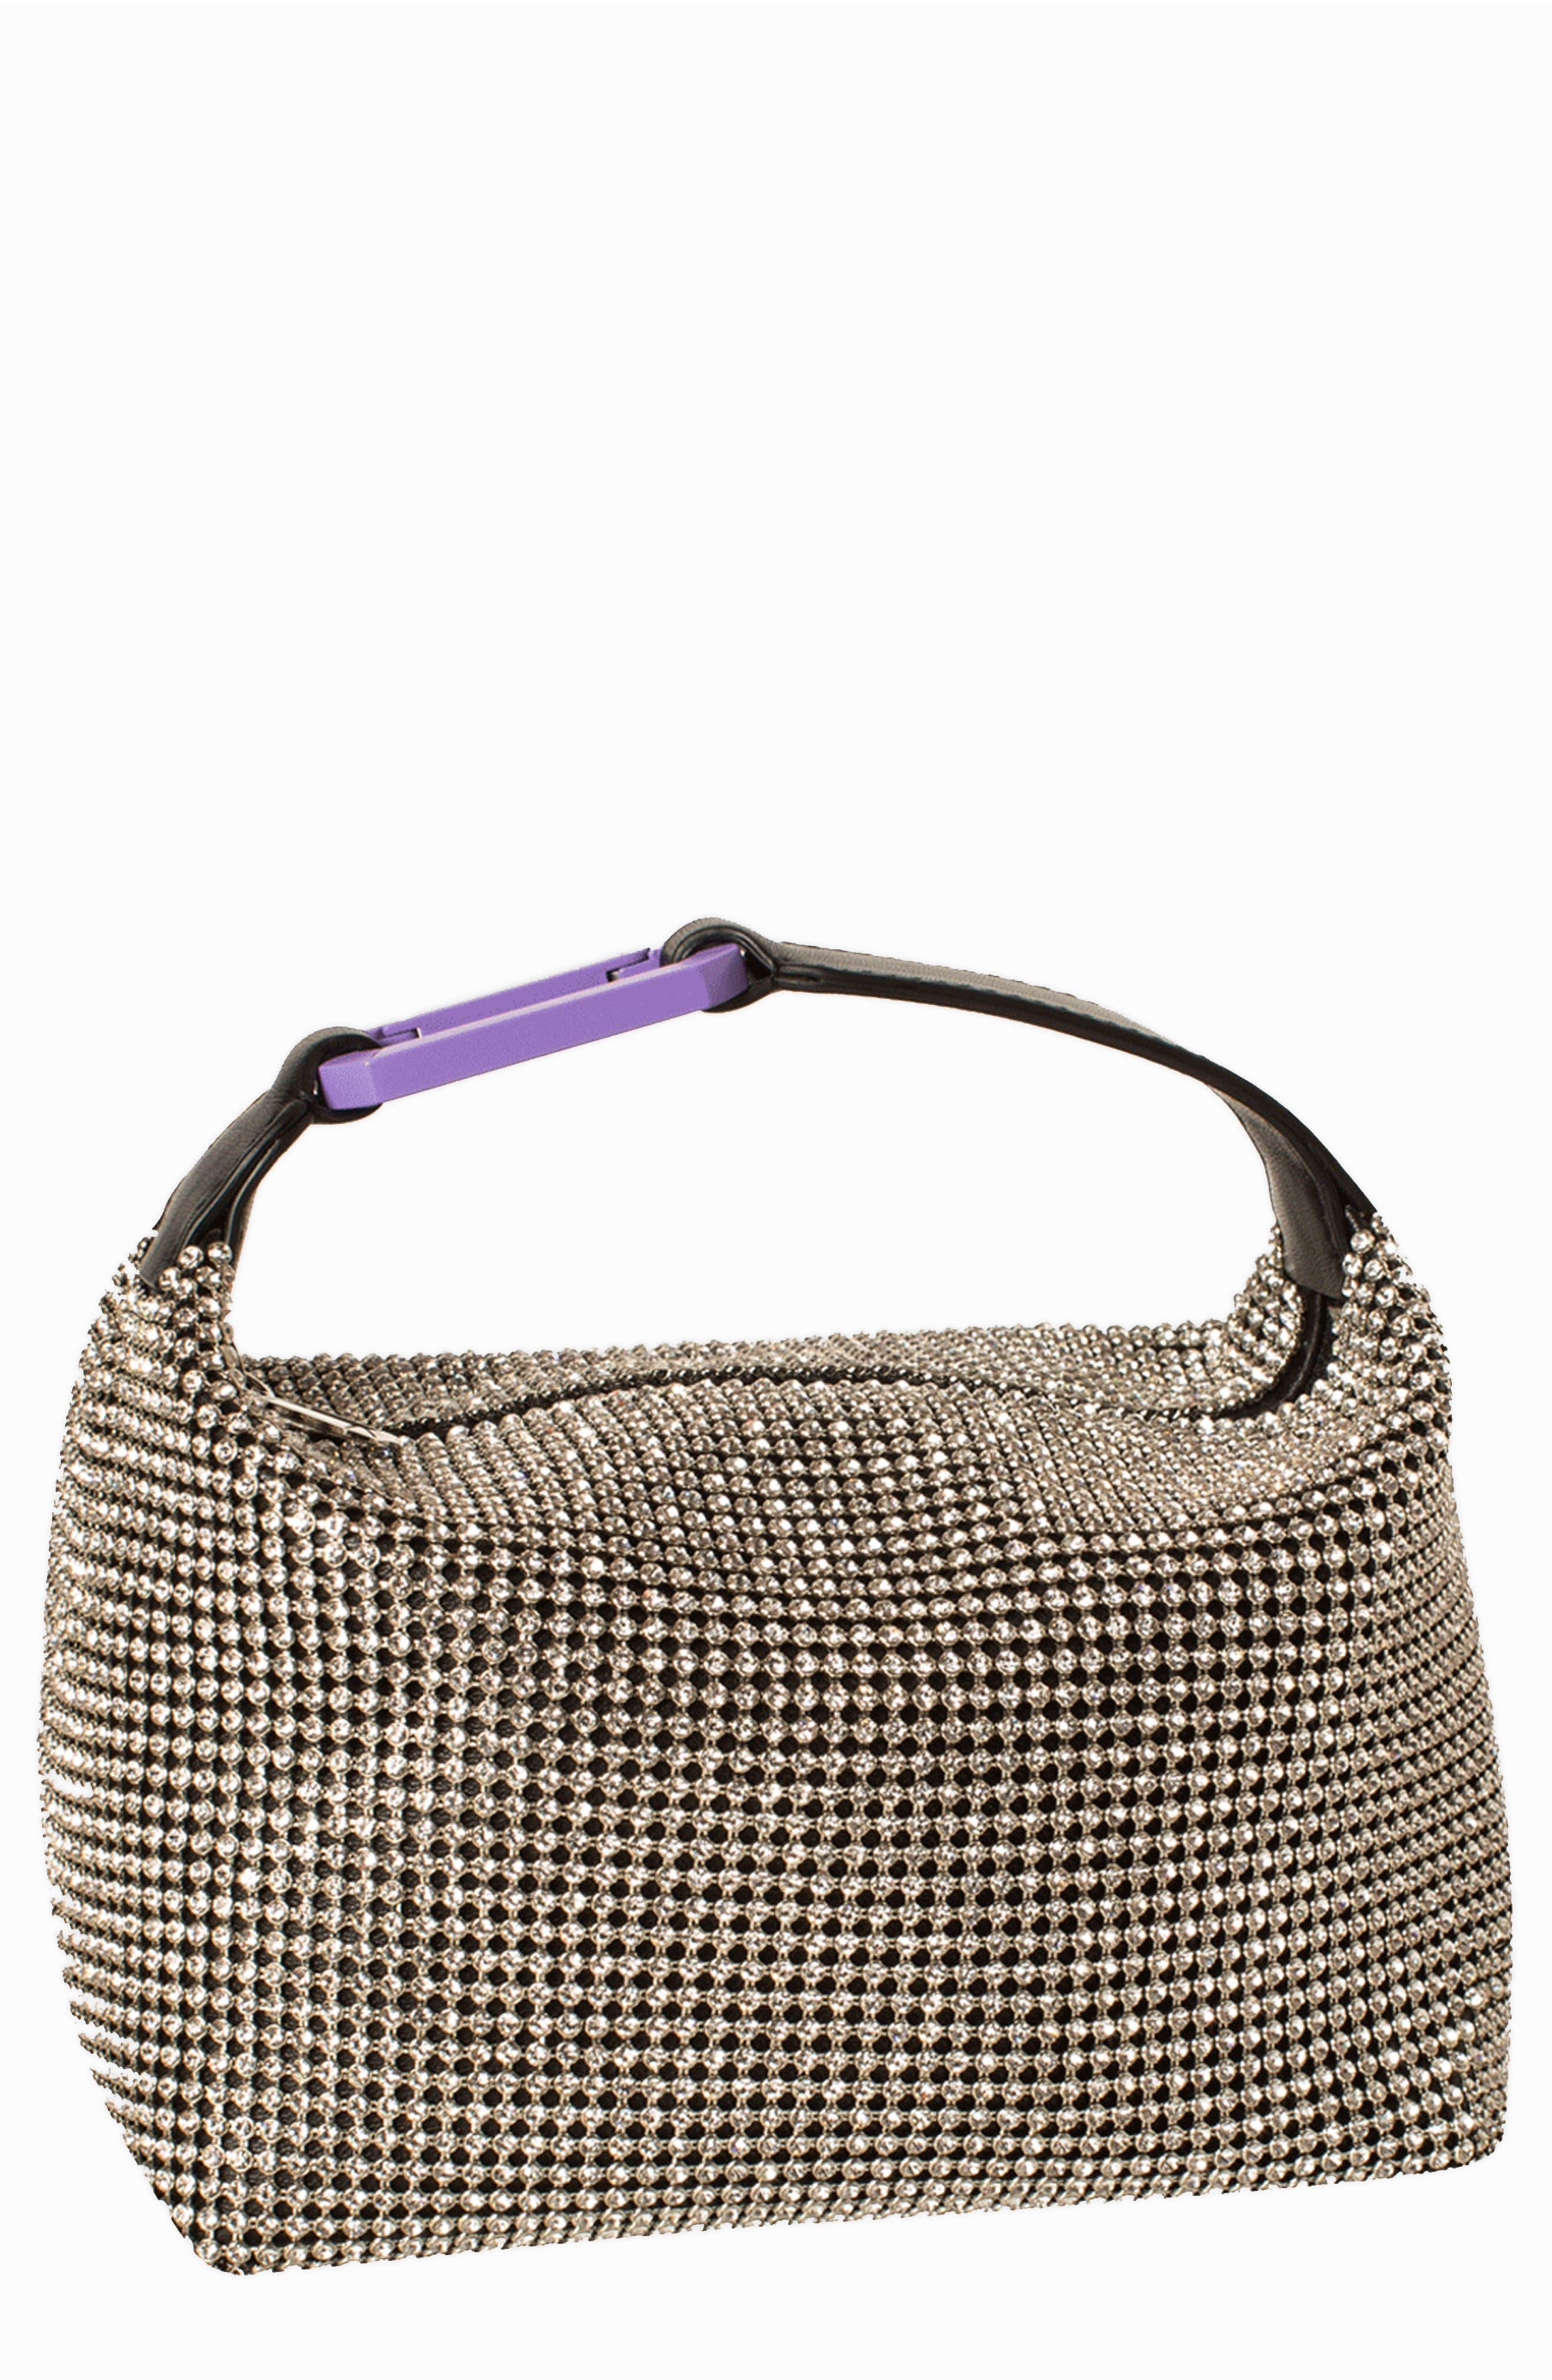 Eera Moonbag Crystal Mesh & Leather Handbag